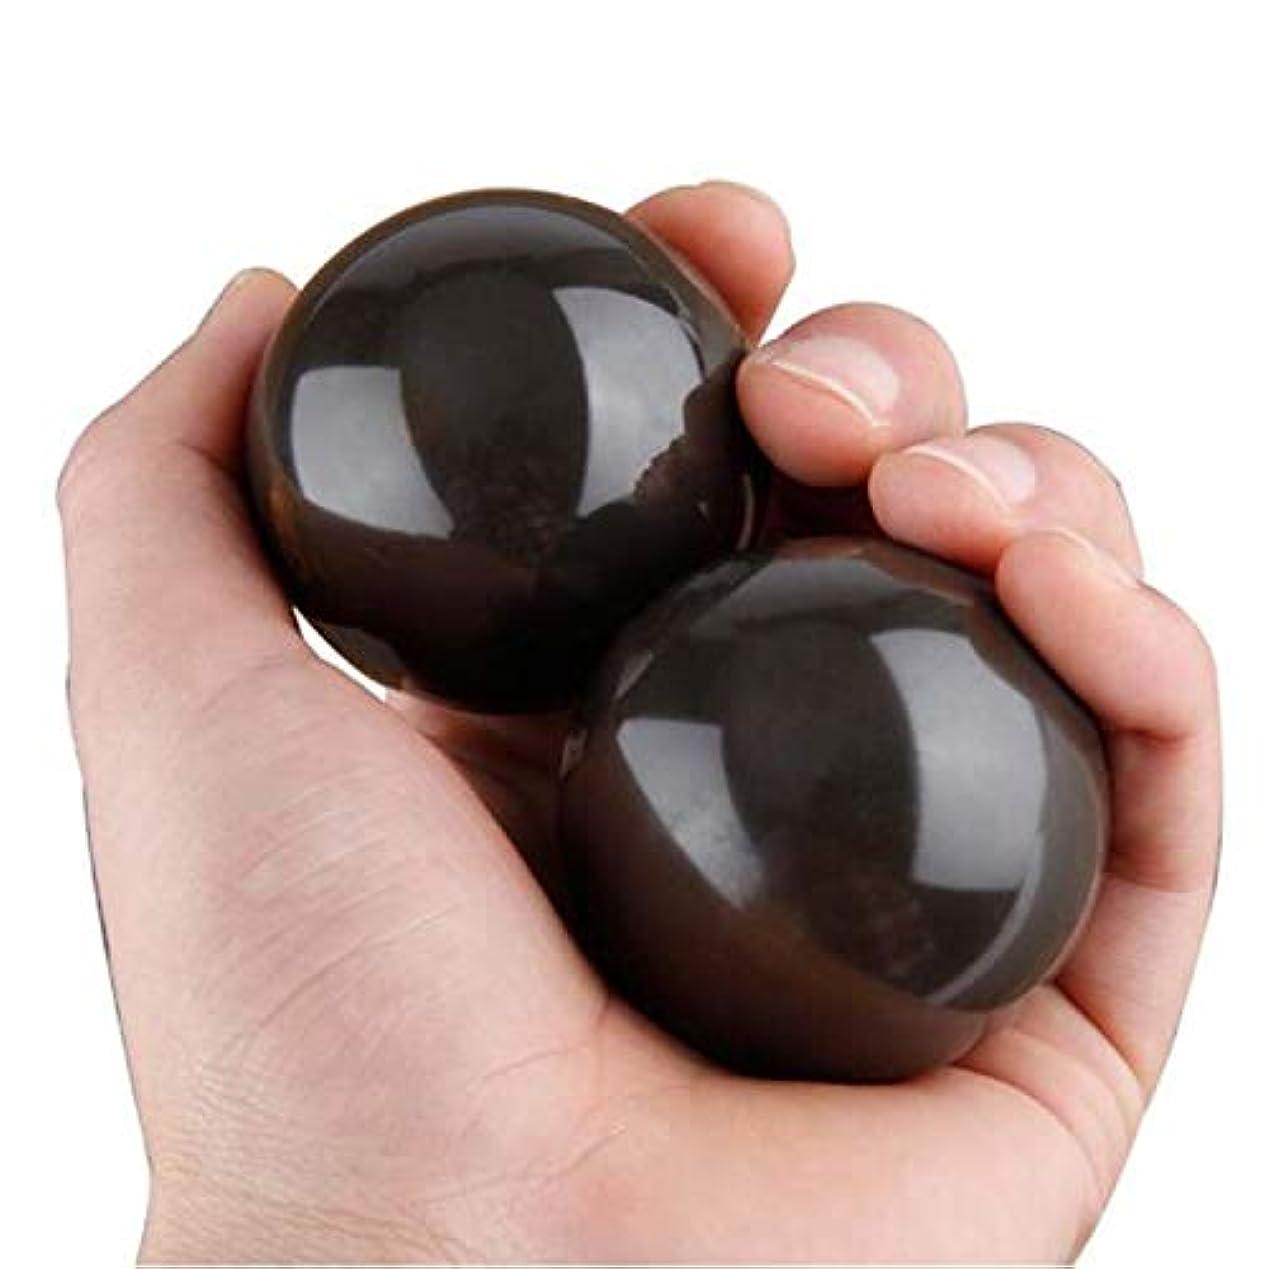 ウィスキー結び目活力2点天然石 健身球 健康玉 泗濱ベン石(泗濱浮石)1 pair of Bian Stone Baoding Chinese Health Stress Exercise Balls